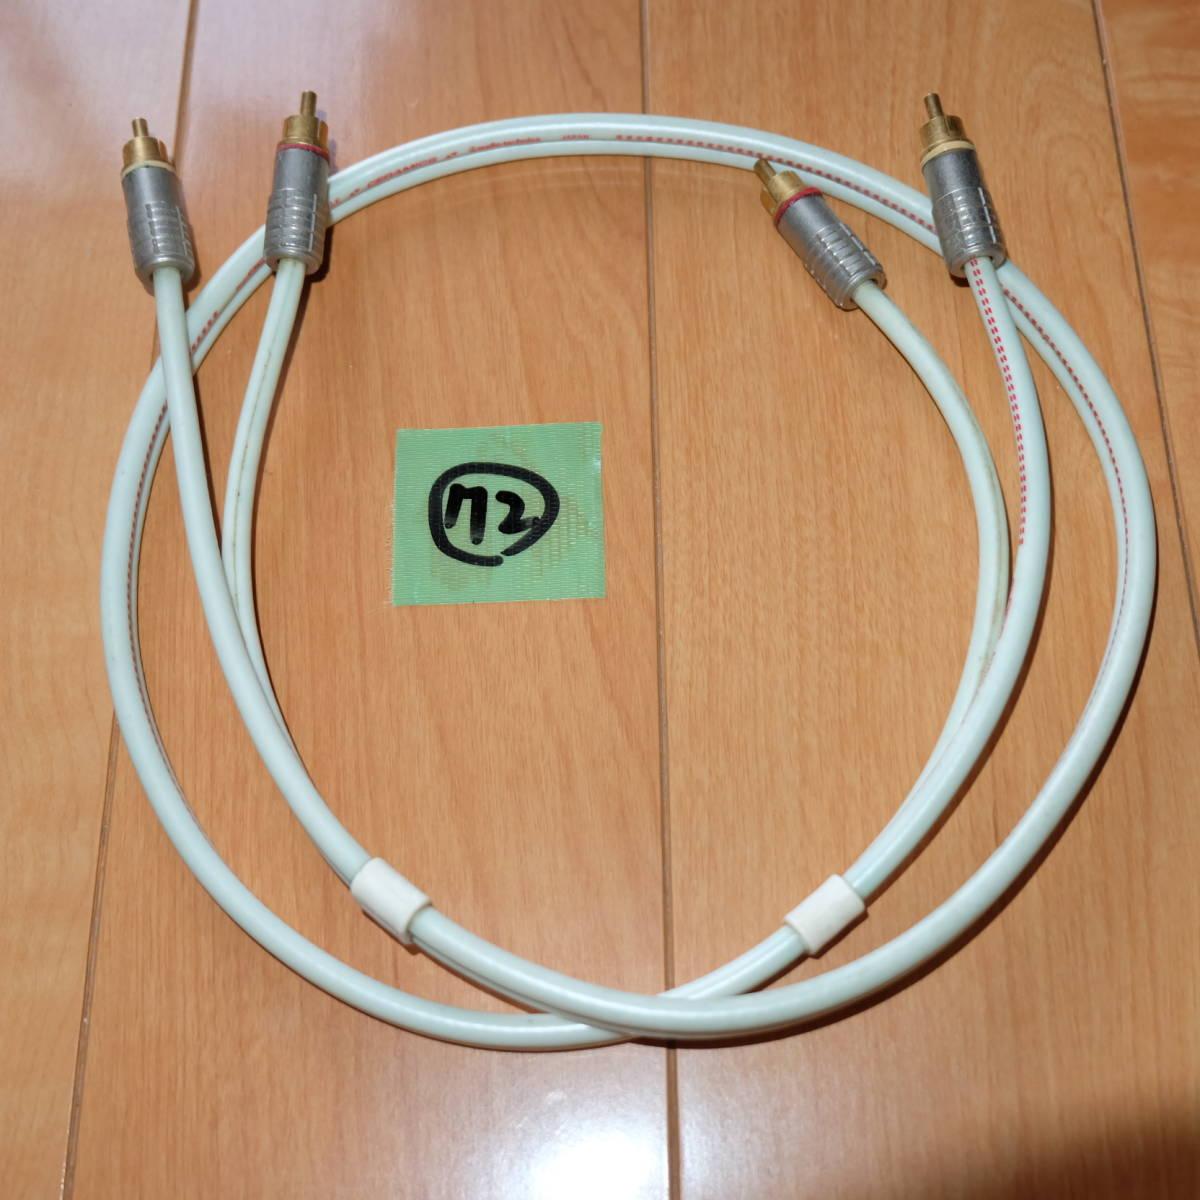 送料180円~ audio-technica オーディオテクニカ audio cable rcaケーブル ピンプラグ 1m 100cm PCOCC CERAMICS セラミックス 72